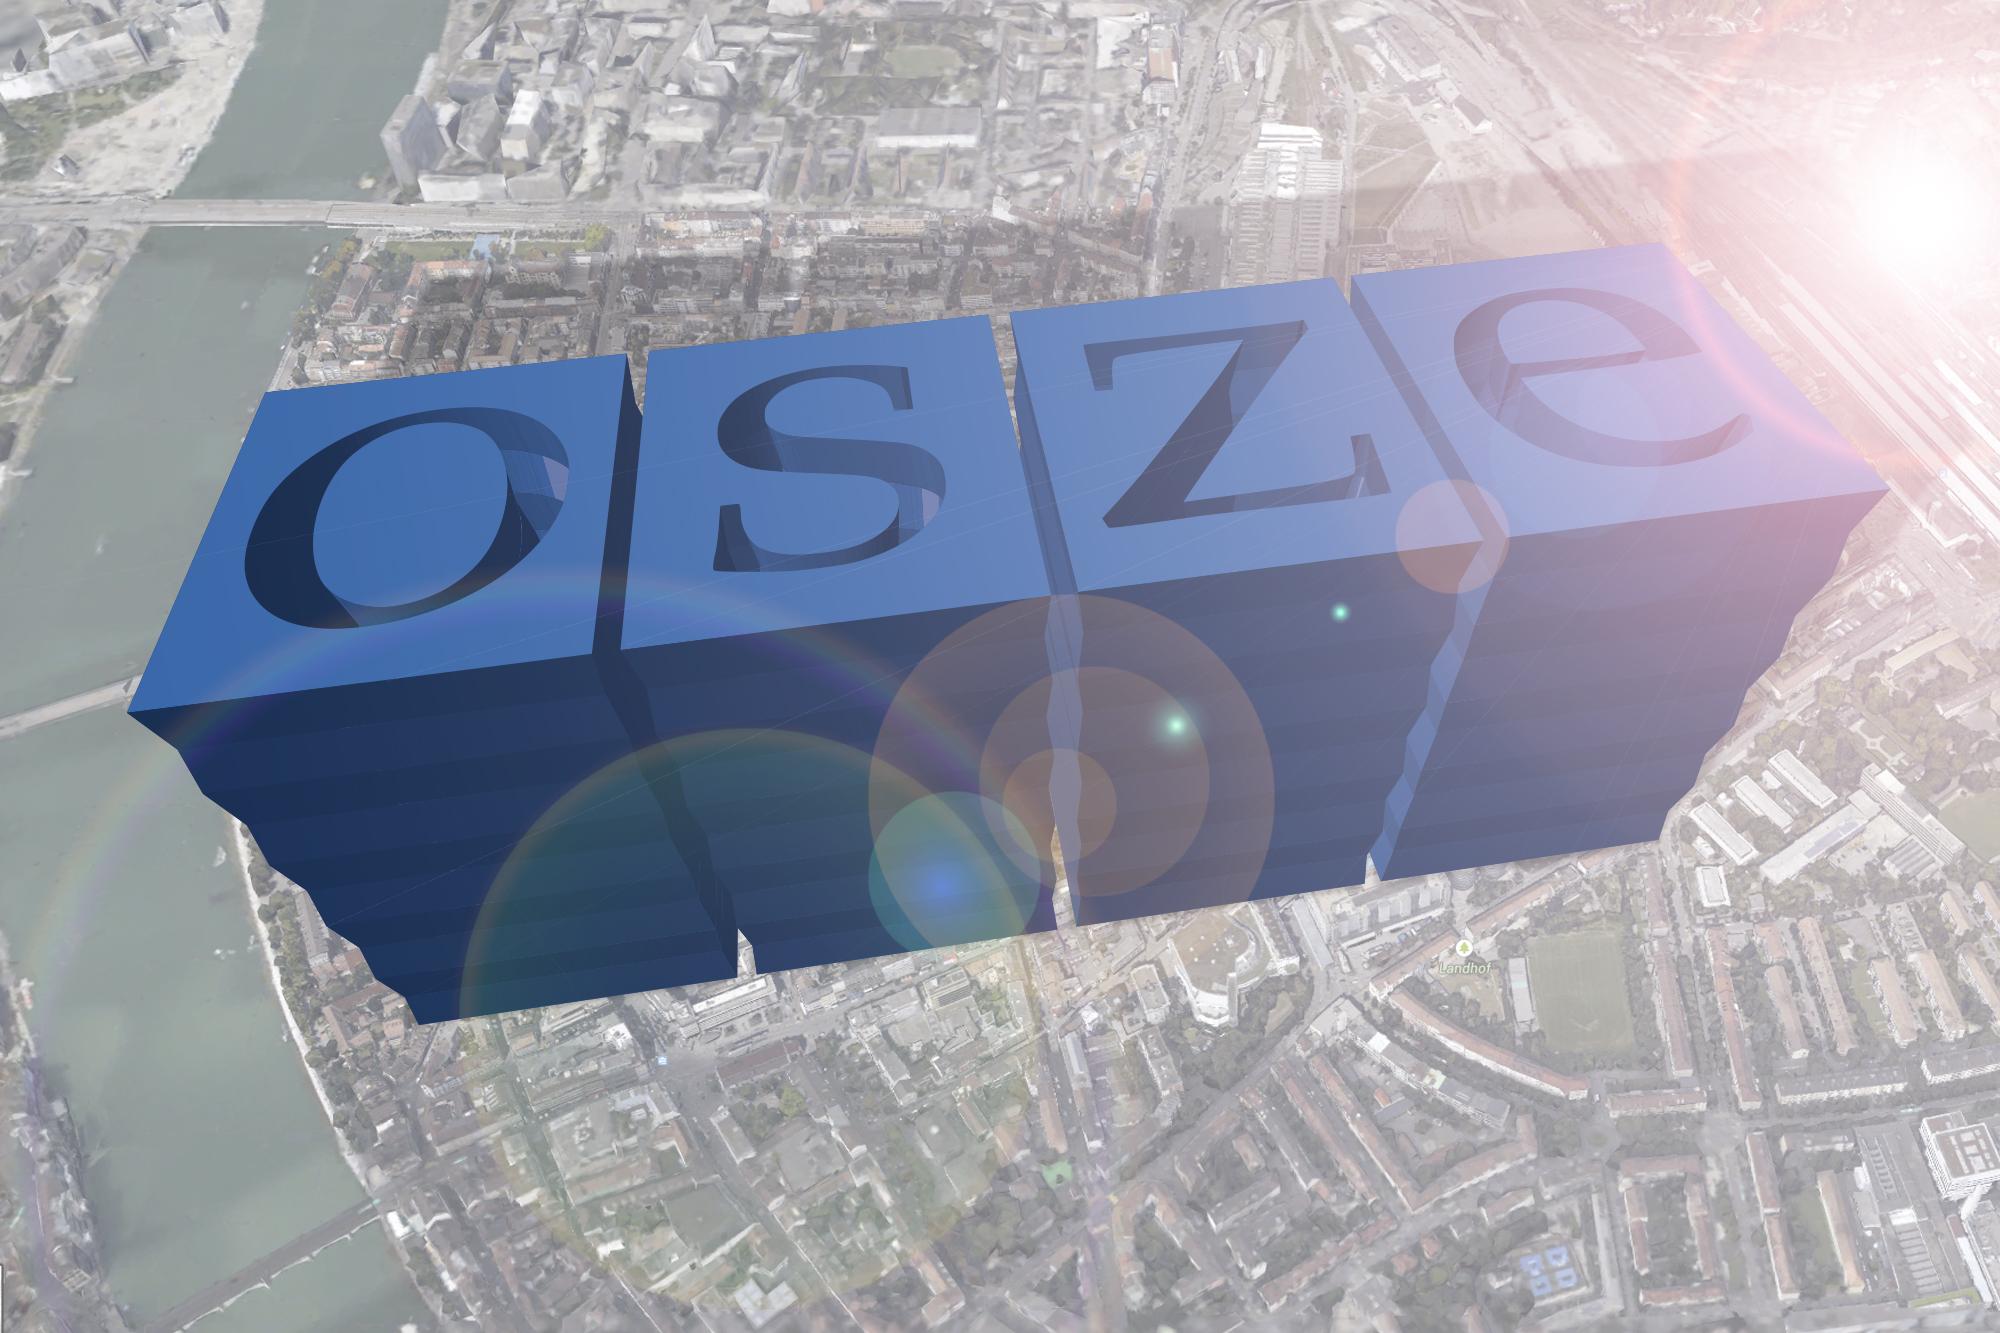 Mit den Ministerräten der OSZE kommt ein wahrer Konferenzenkoloss nach Basel. Genau das soll künftig häufiger geschehen, findet Stadtpräsident Guy Morin.